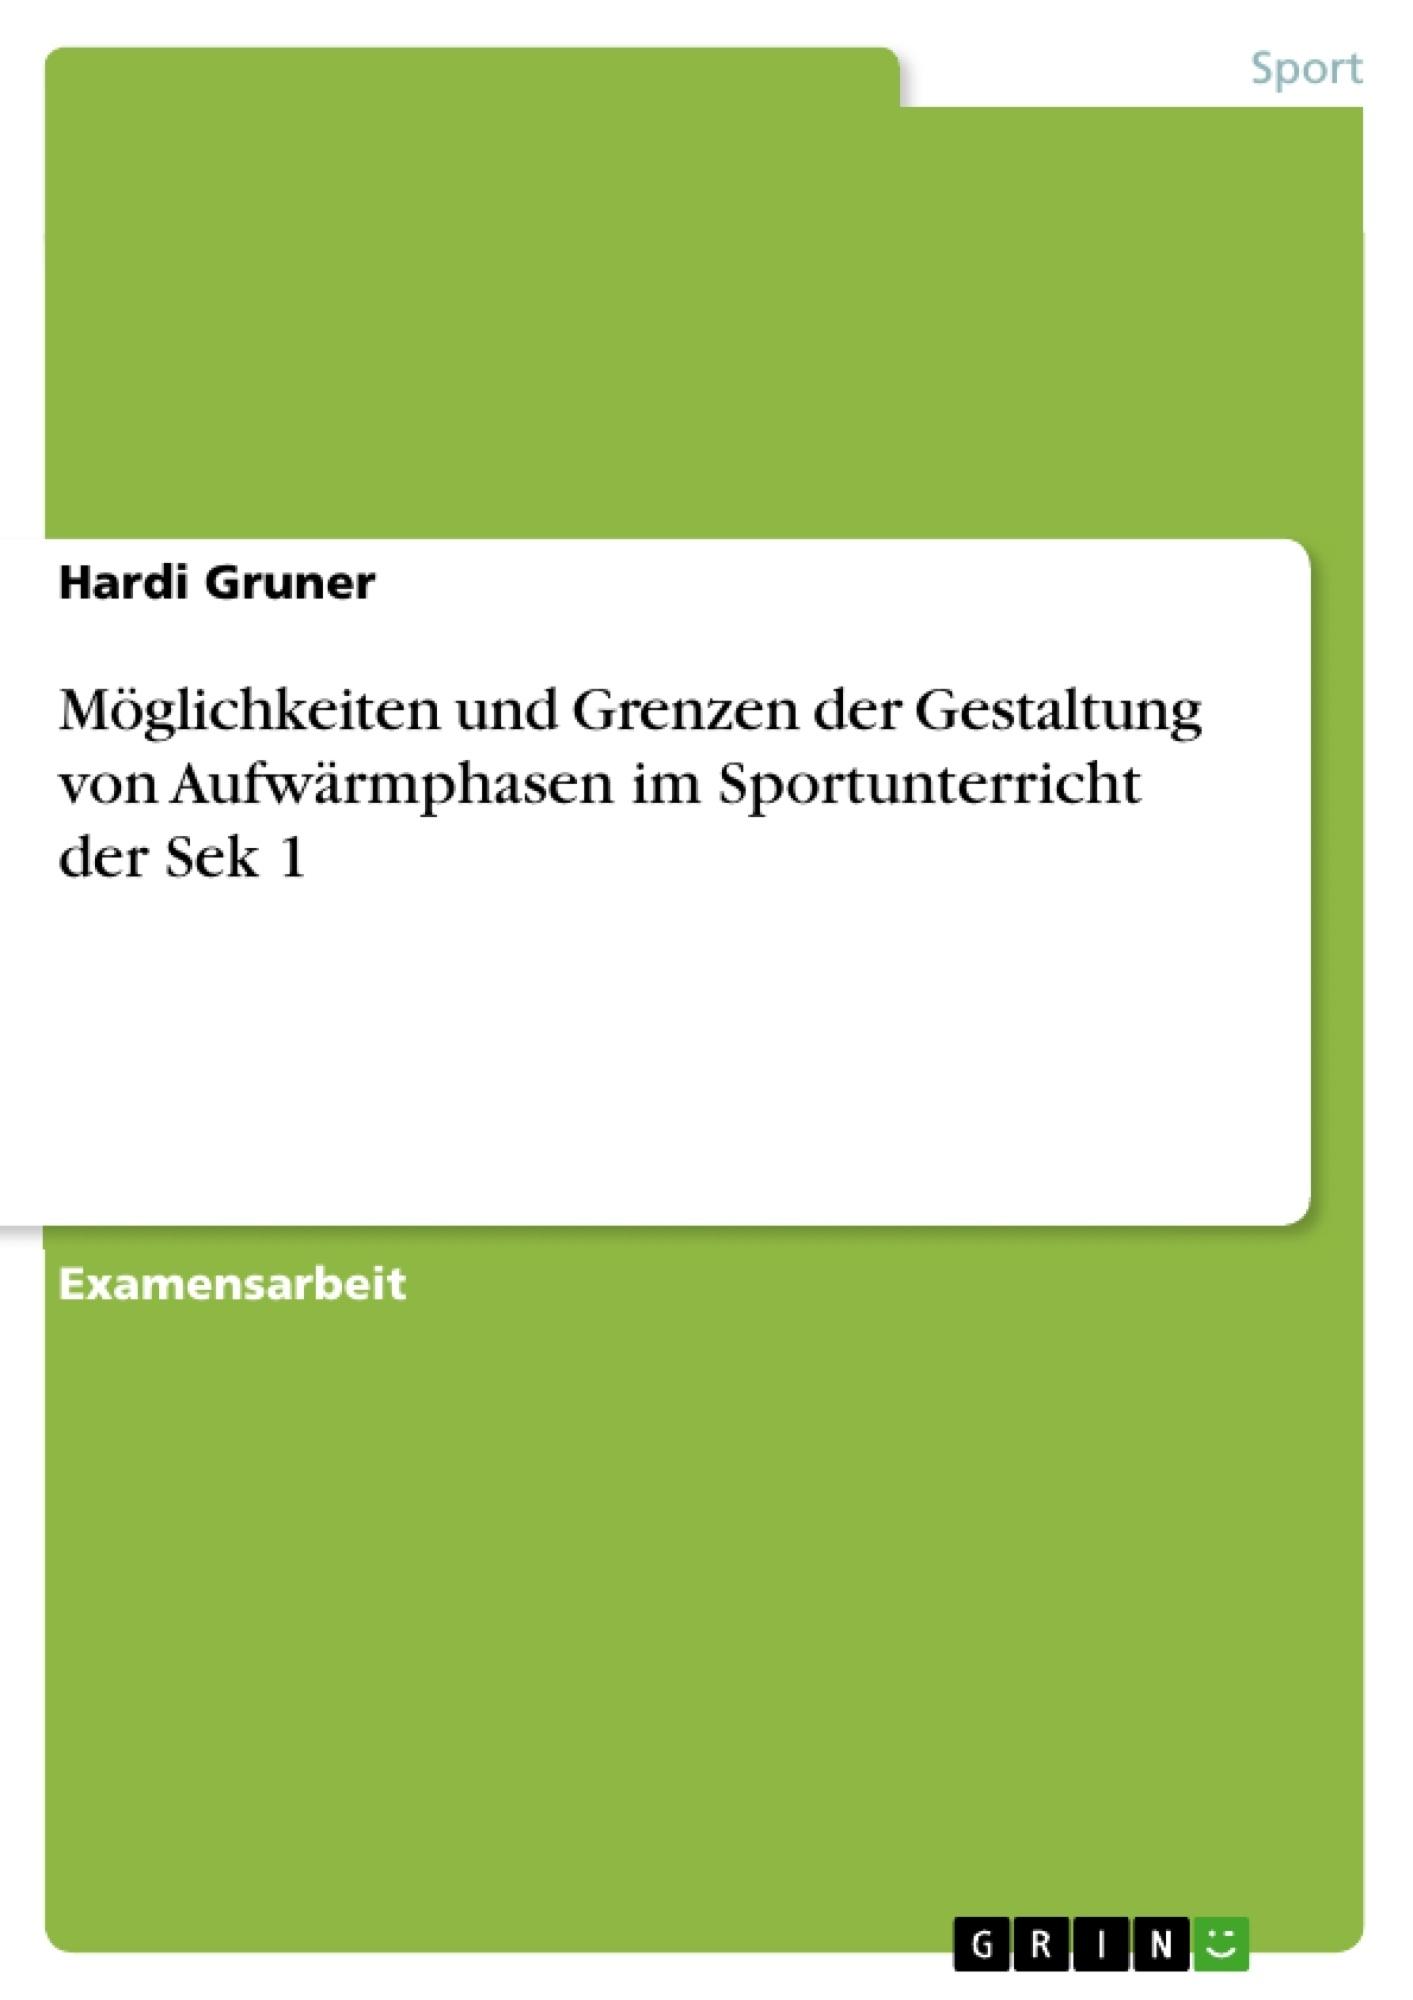 Titel: Möglichkeiten und Grenzen der Gestaltung von Aufwärmphasen im Sportunterricht der Sek 1